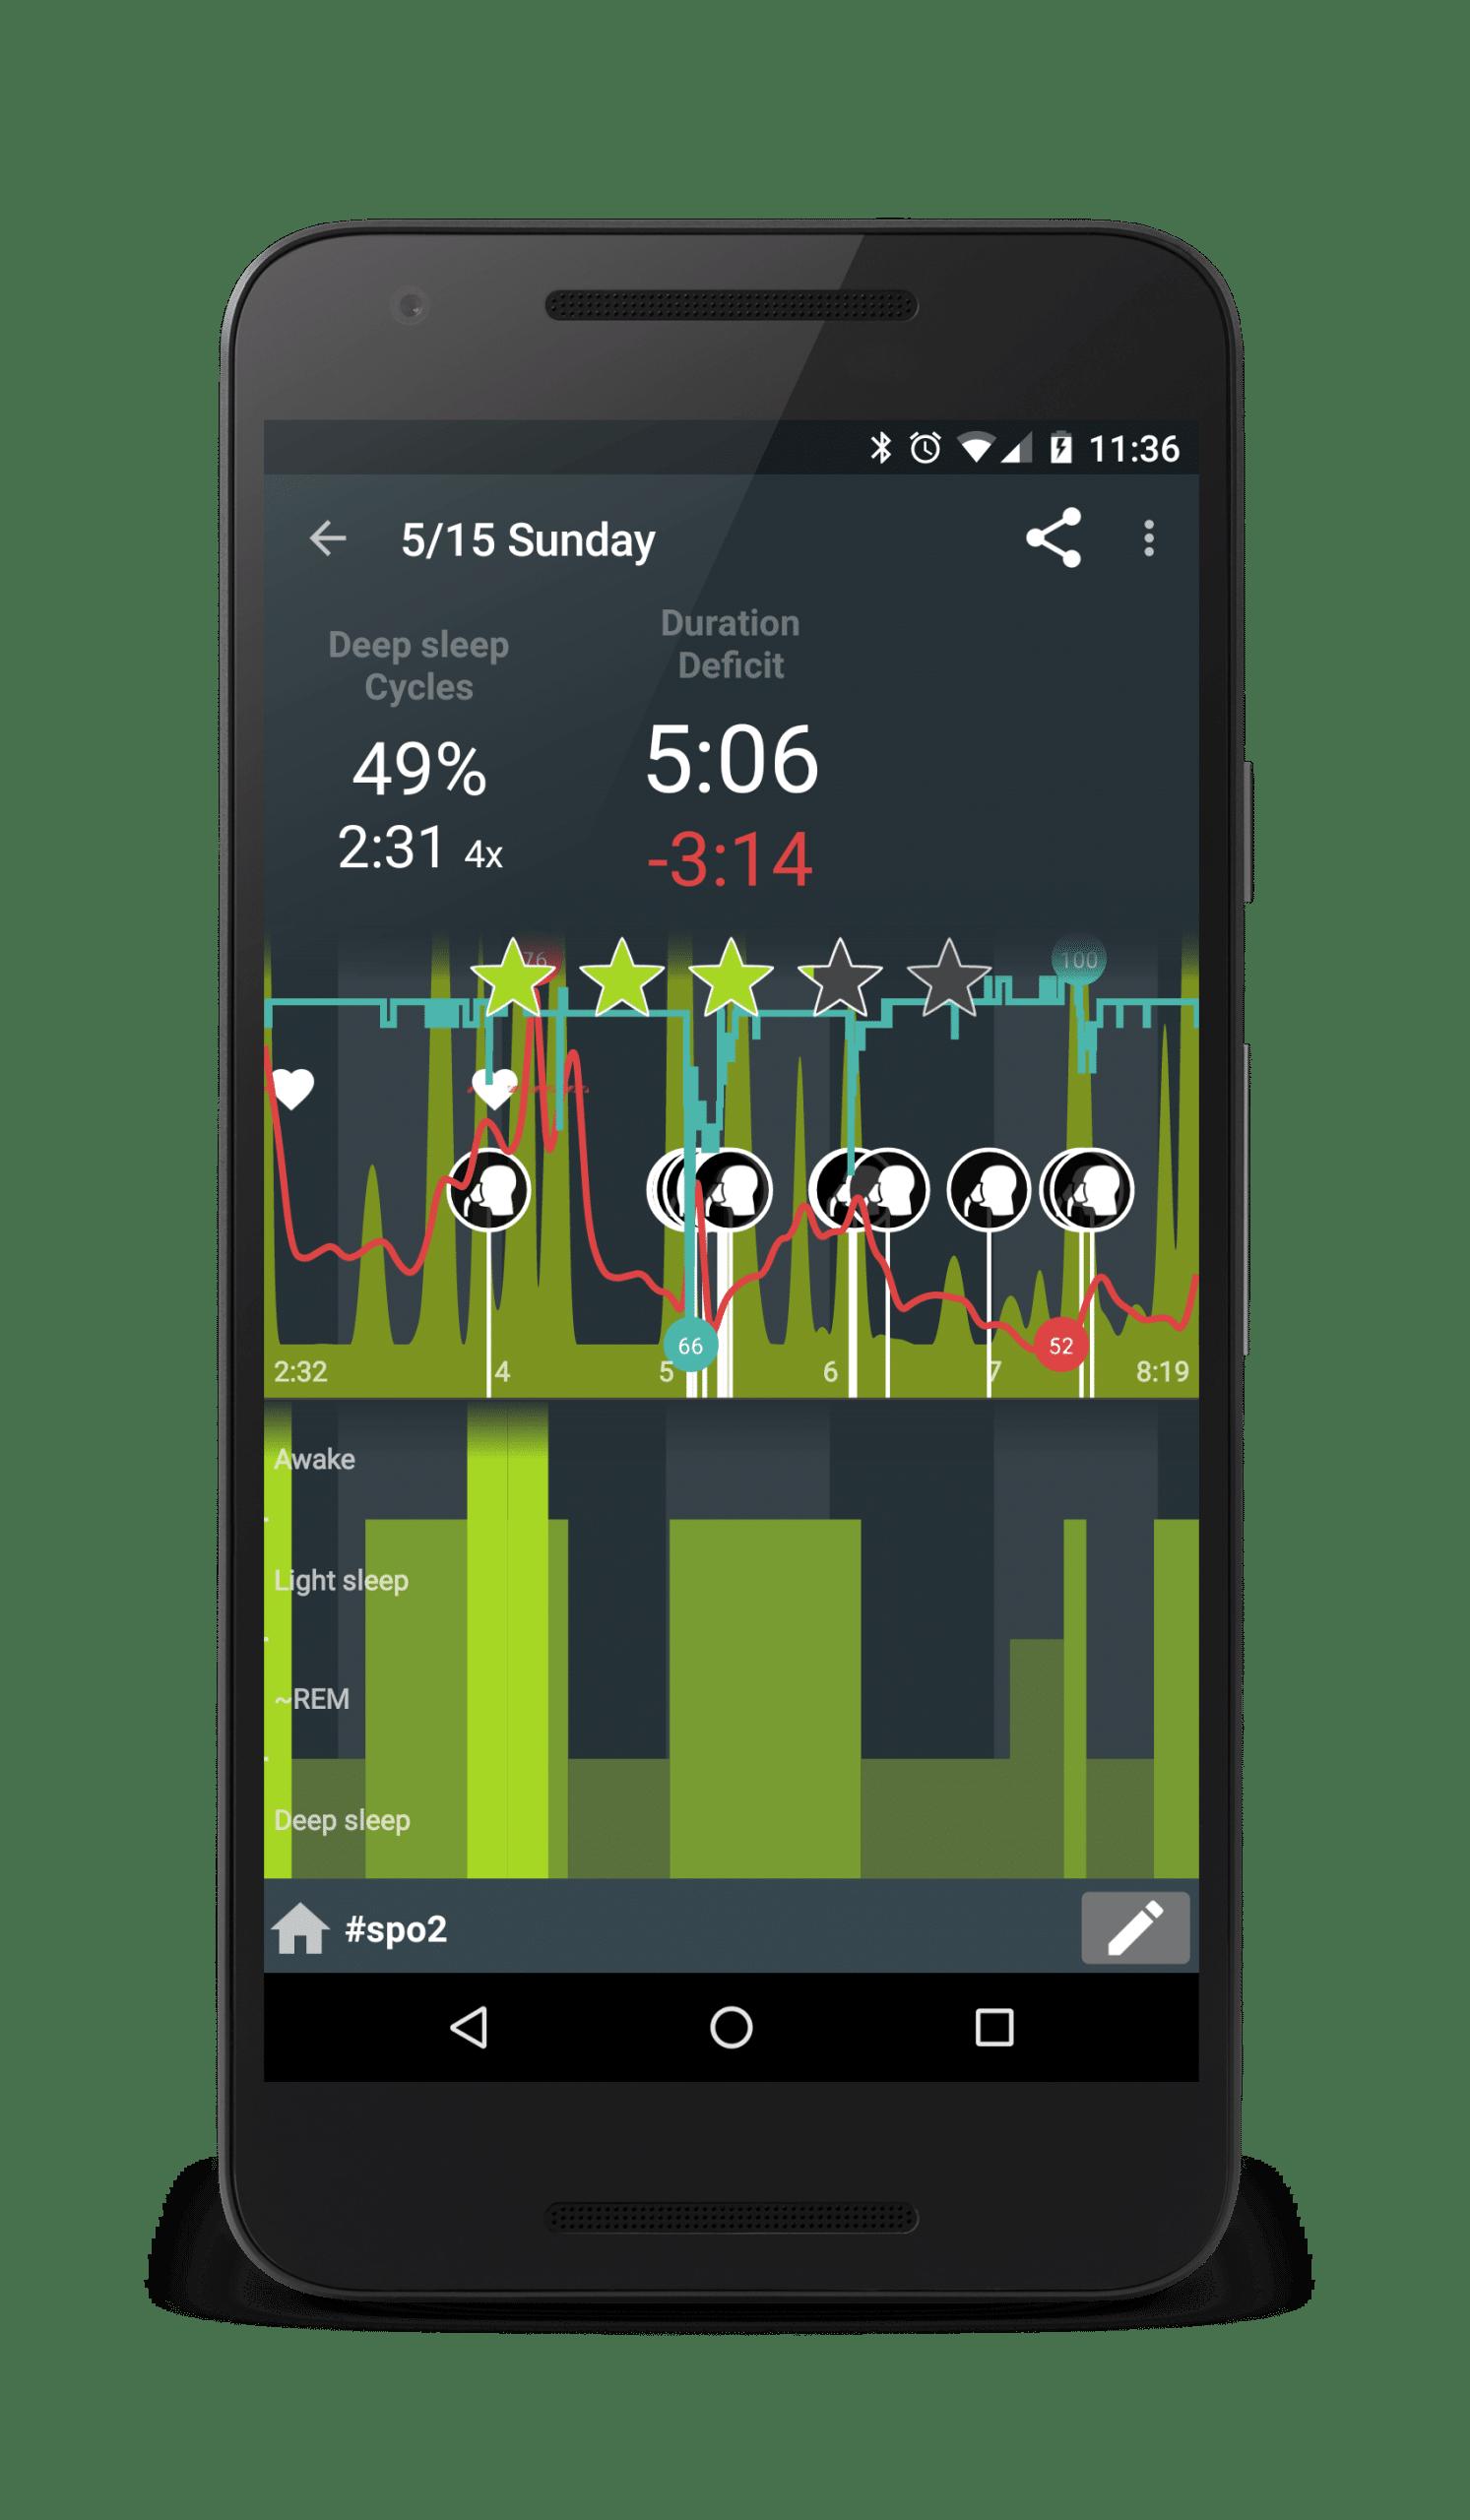 Sleep as android apps para dormir